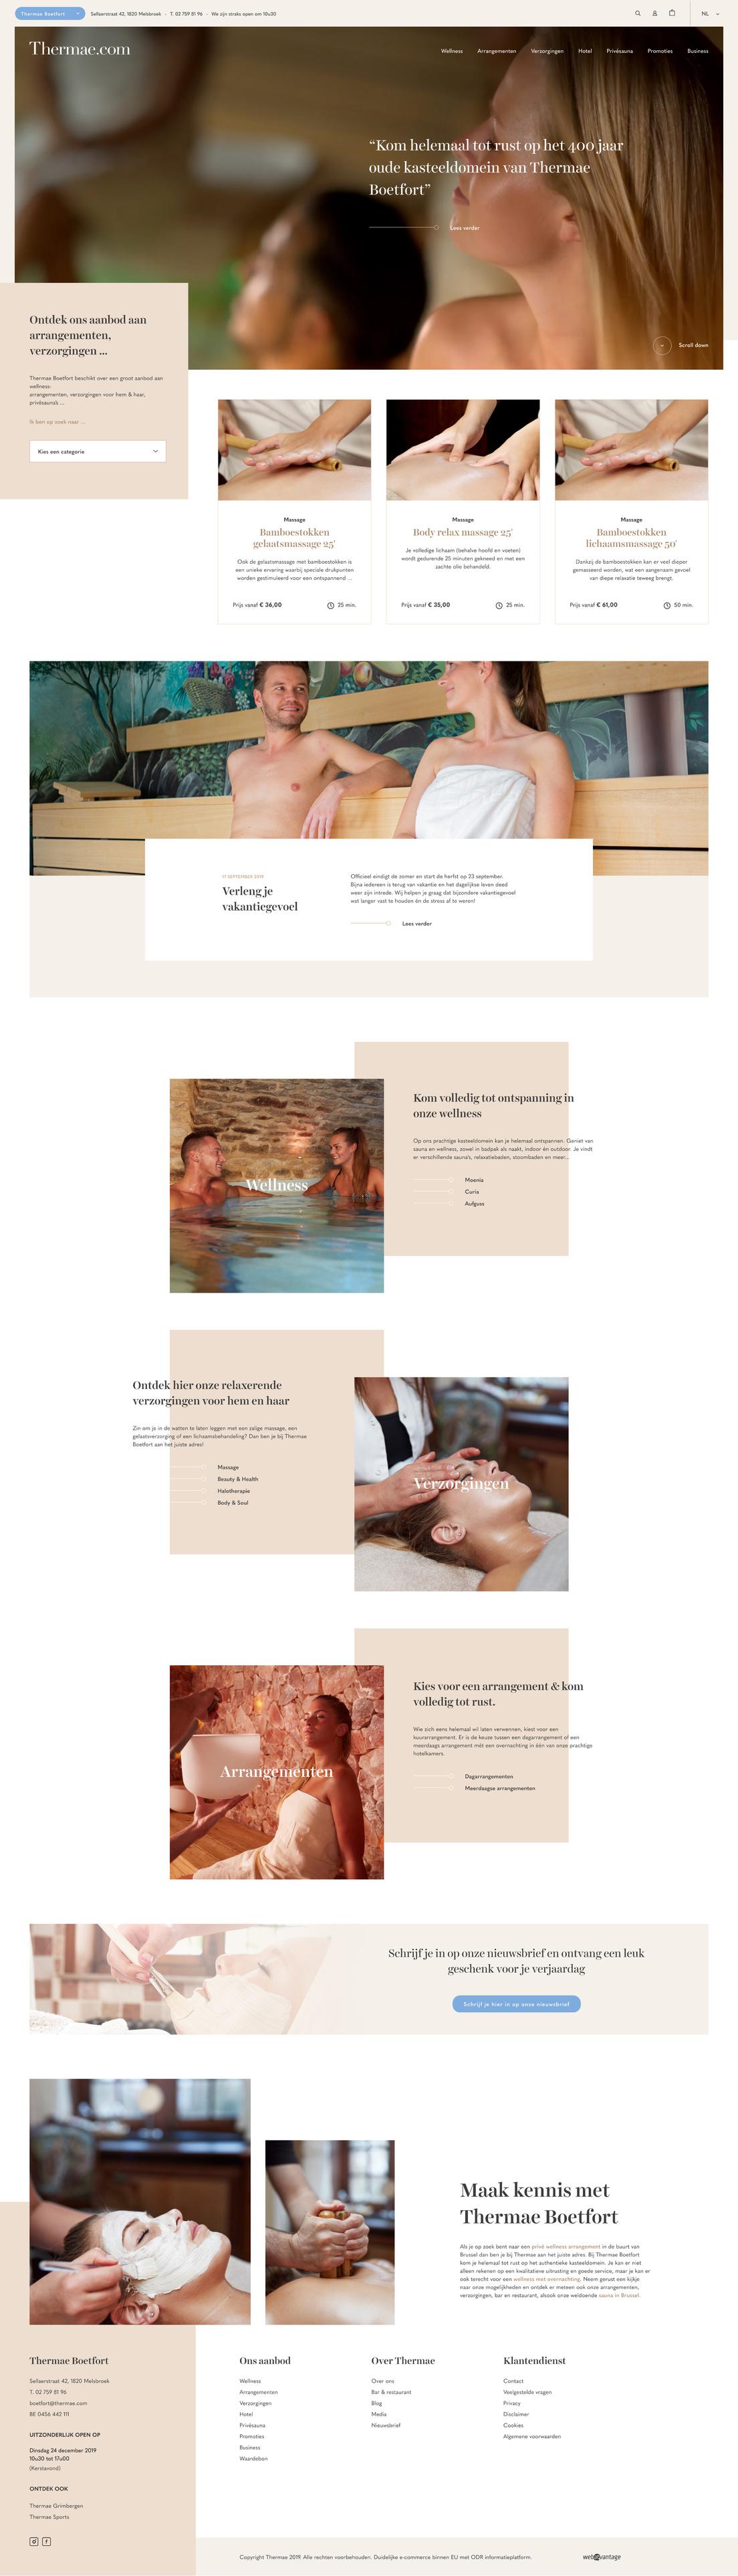 Thermae desktop homepage